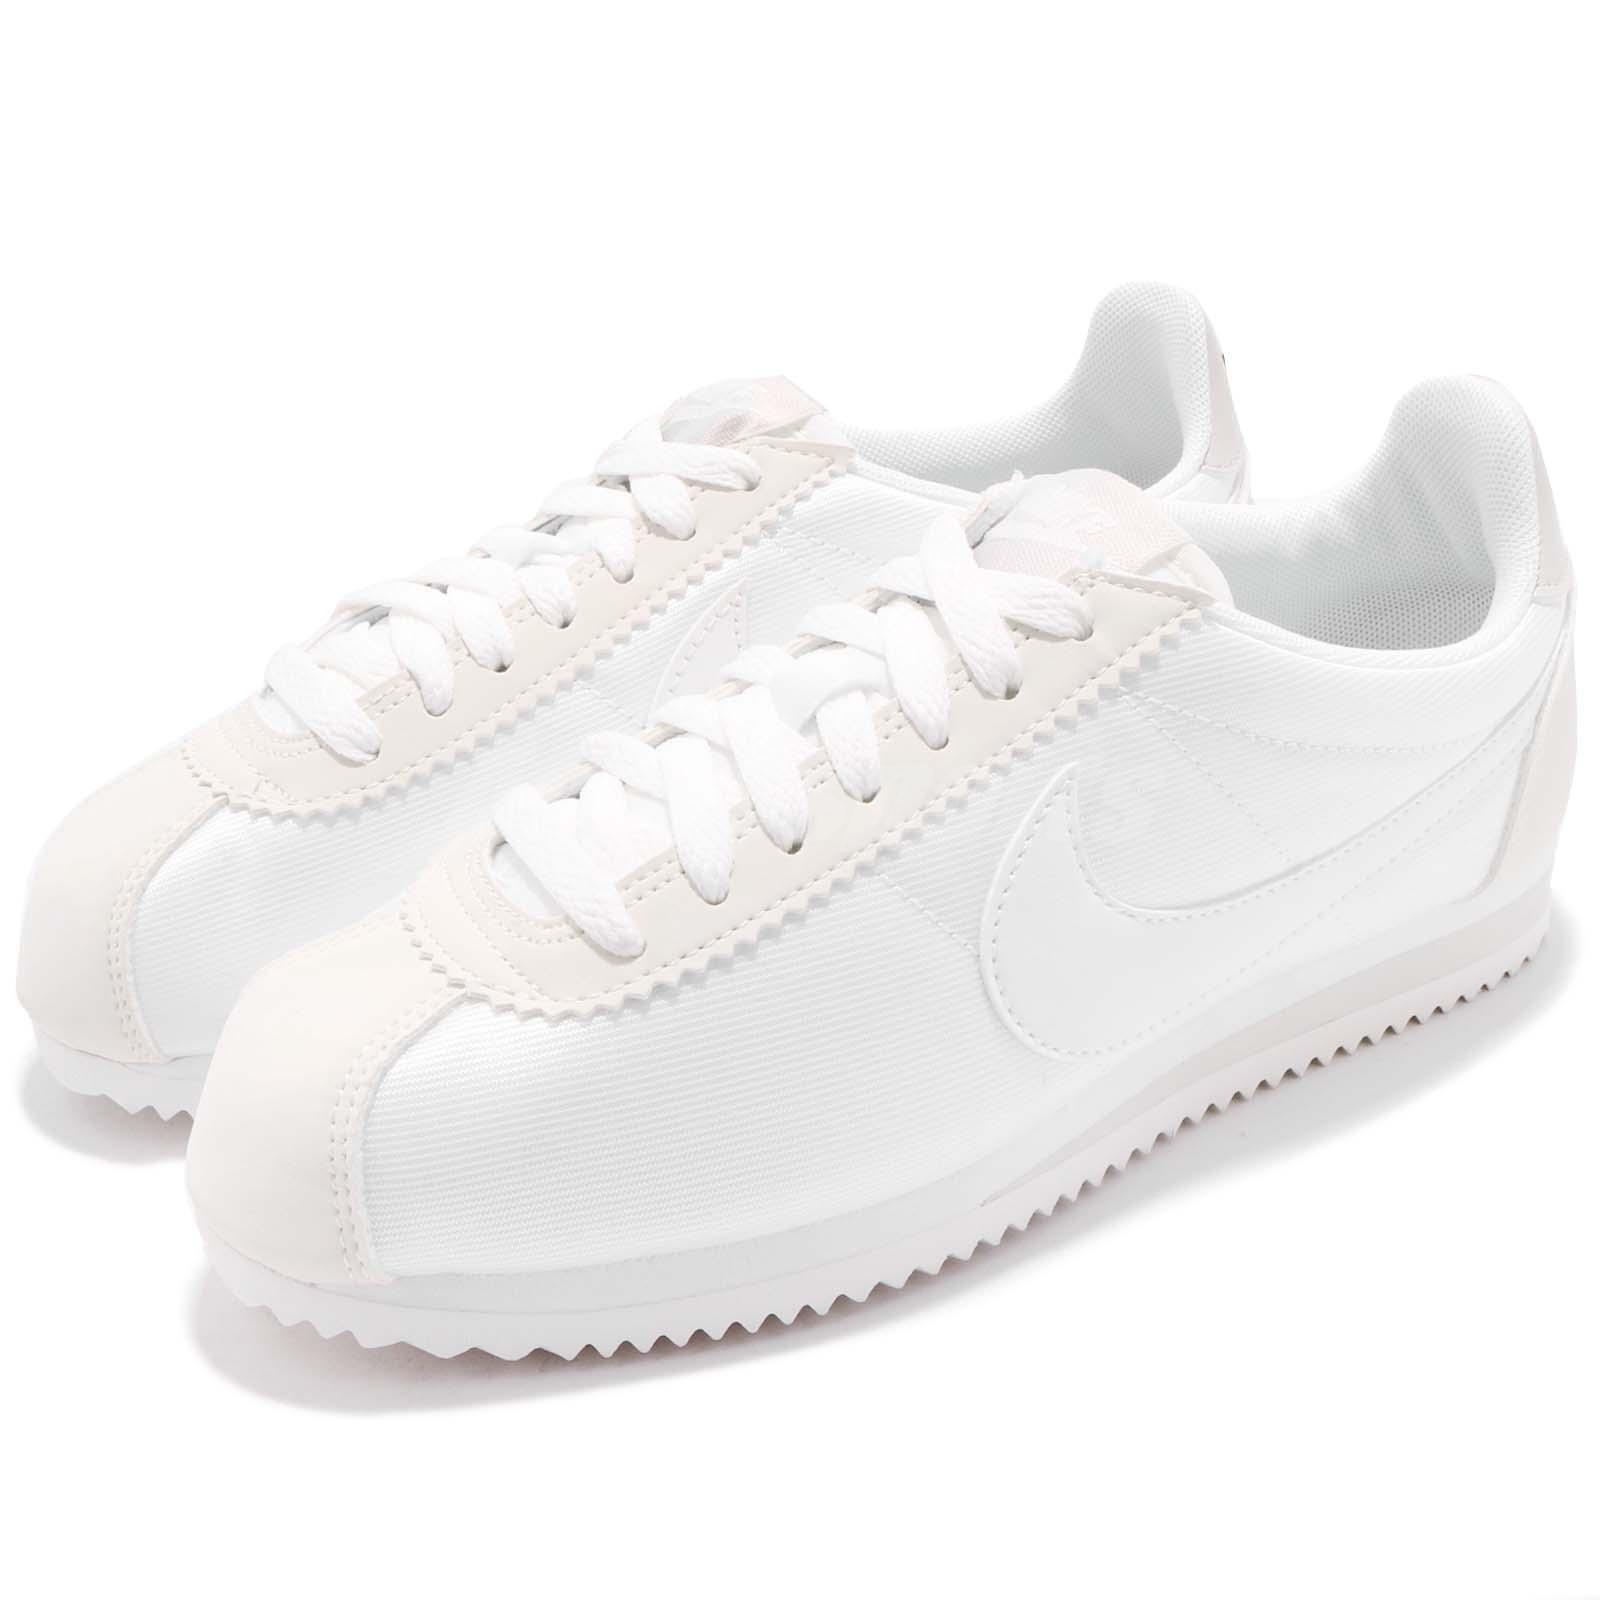 NIKE WMNS CLASSIC CORTEZ NYLON Sneaker Donna Scarpe Da Ginnastica Da Donna Scarpe 749864606